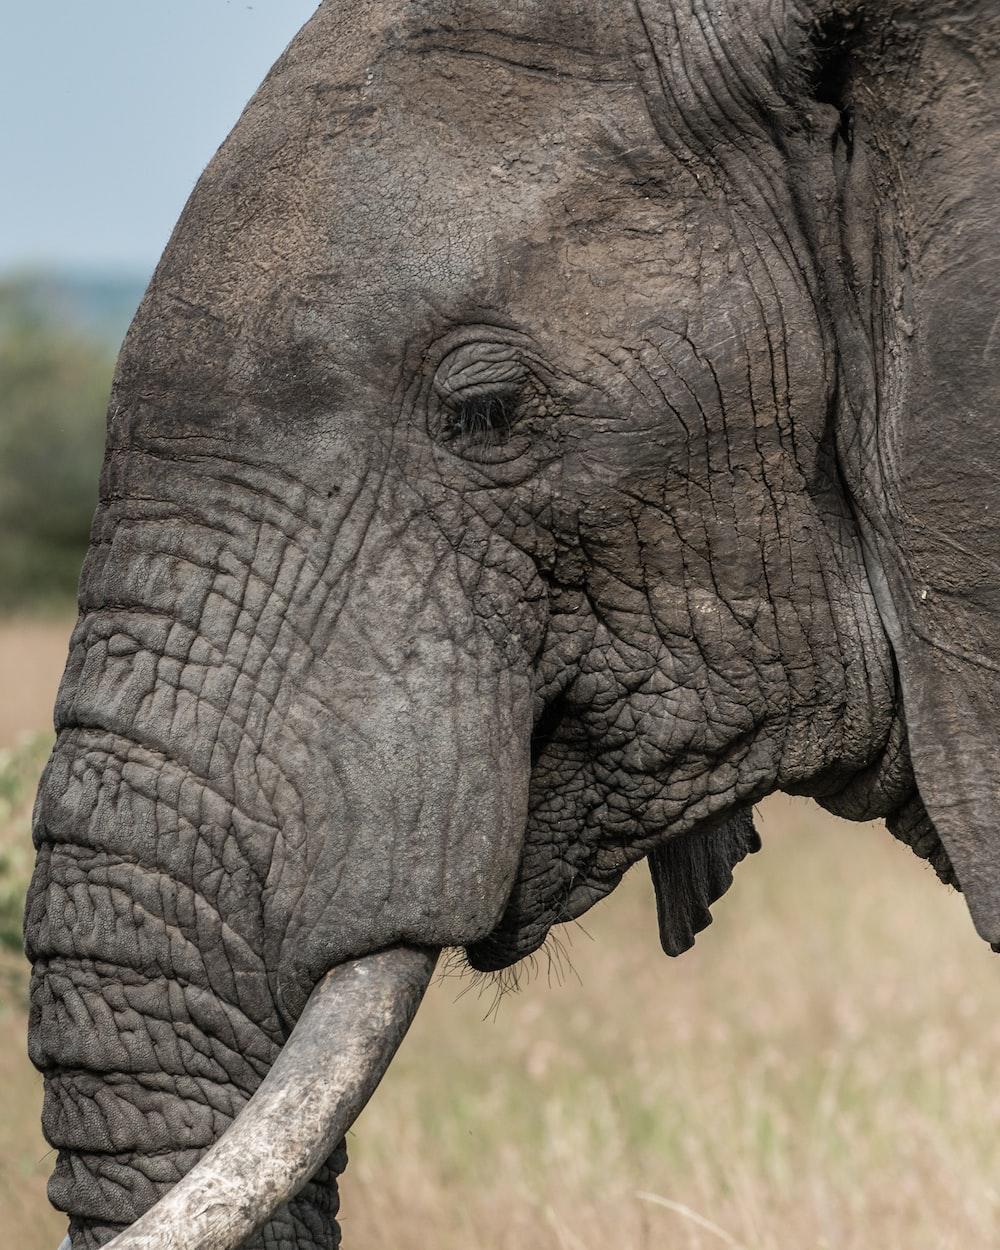 elephant face pictures download free images on unsplash. Black Bedroom Furniture Sets. Home Design Ideas